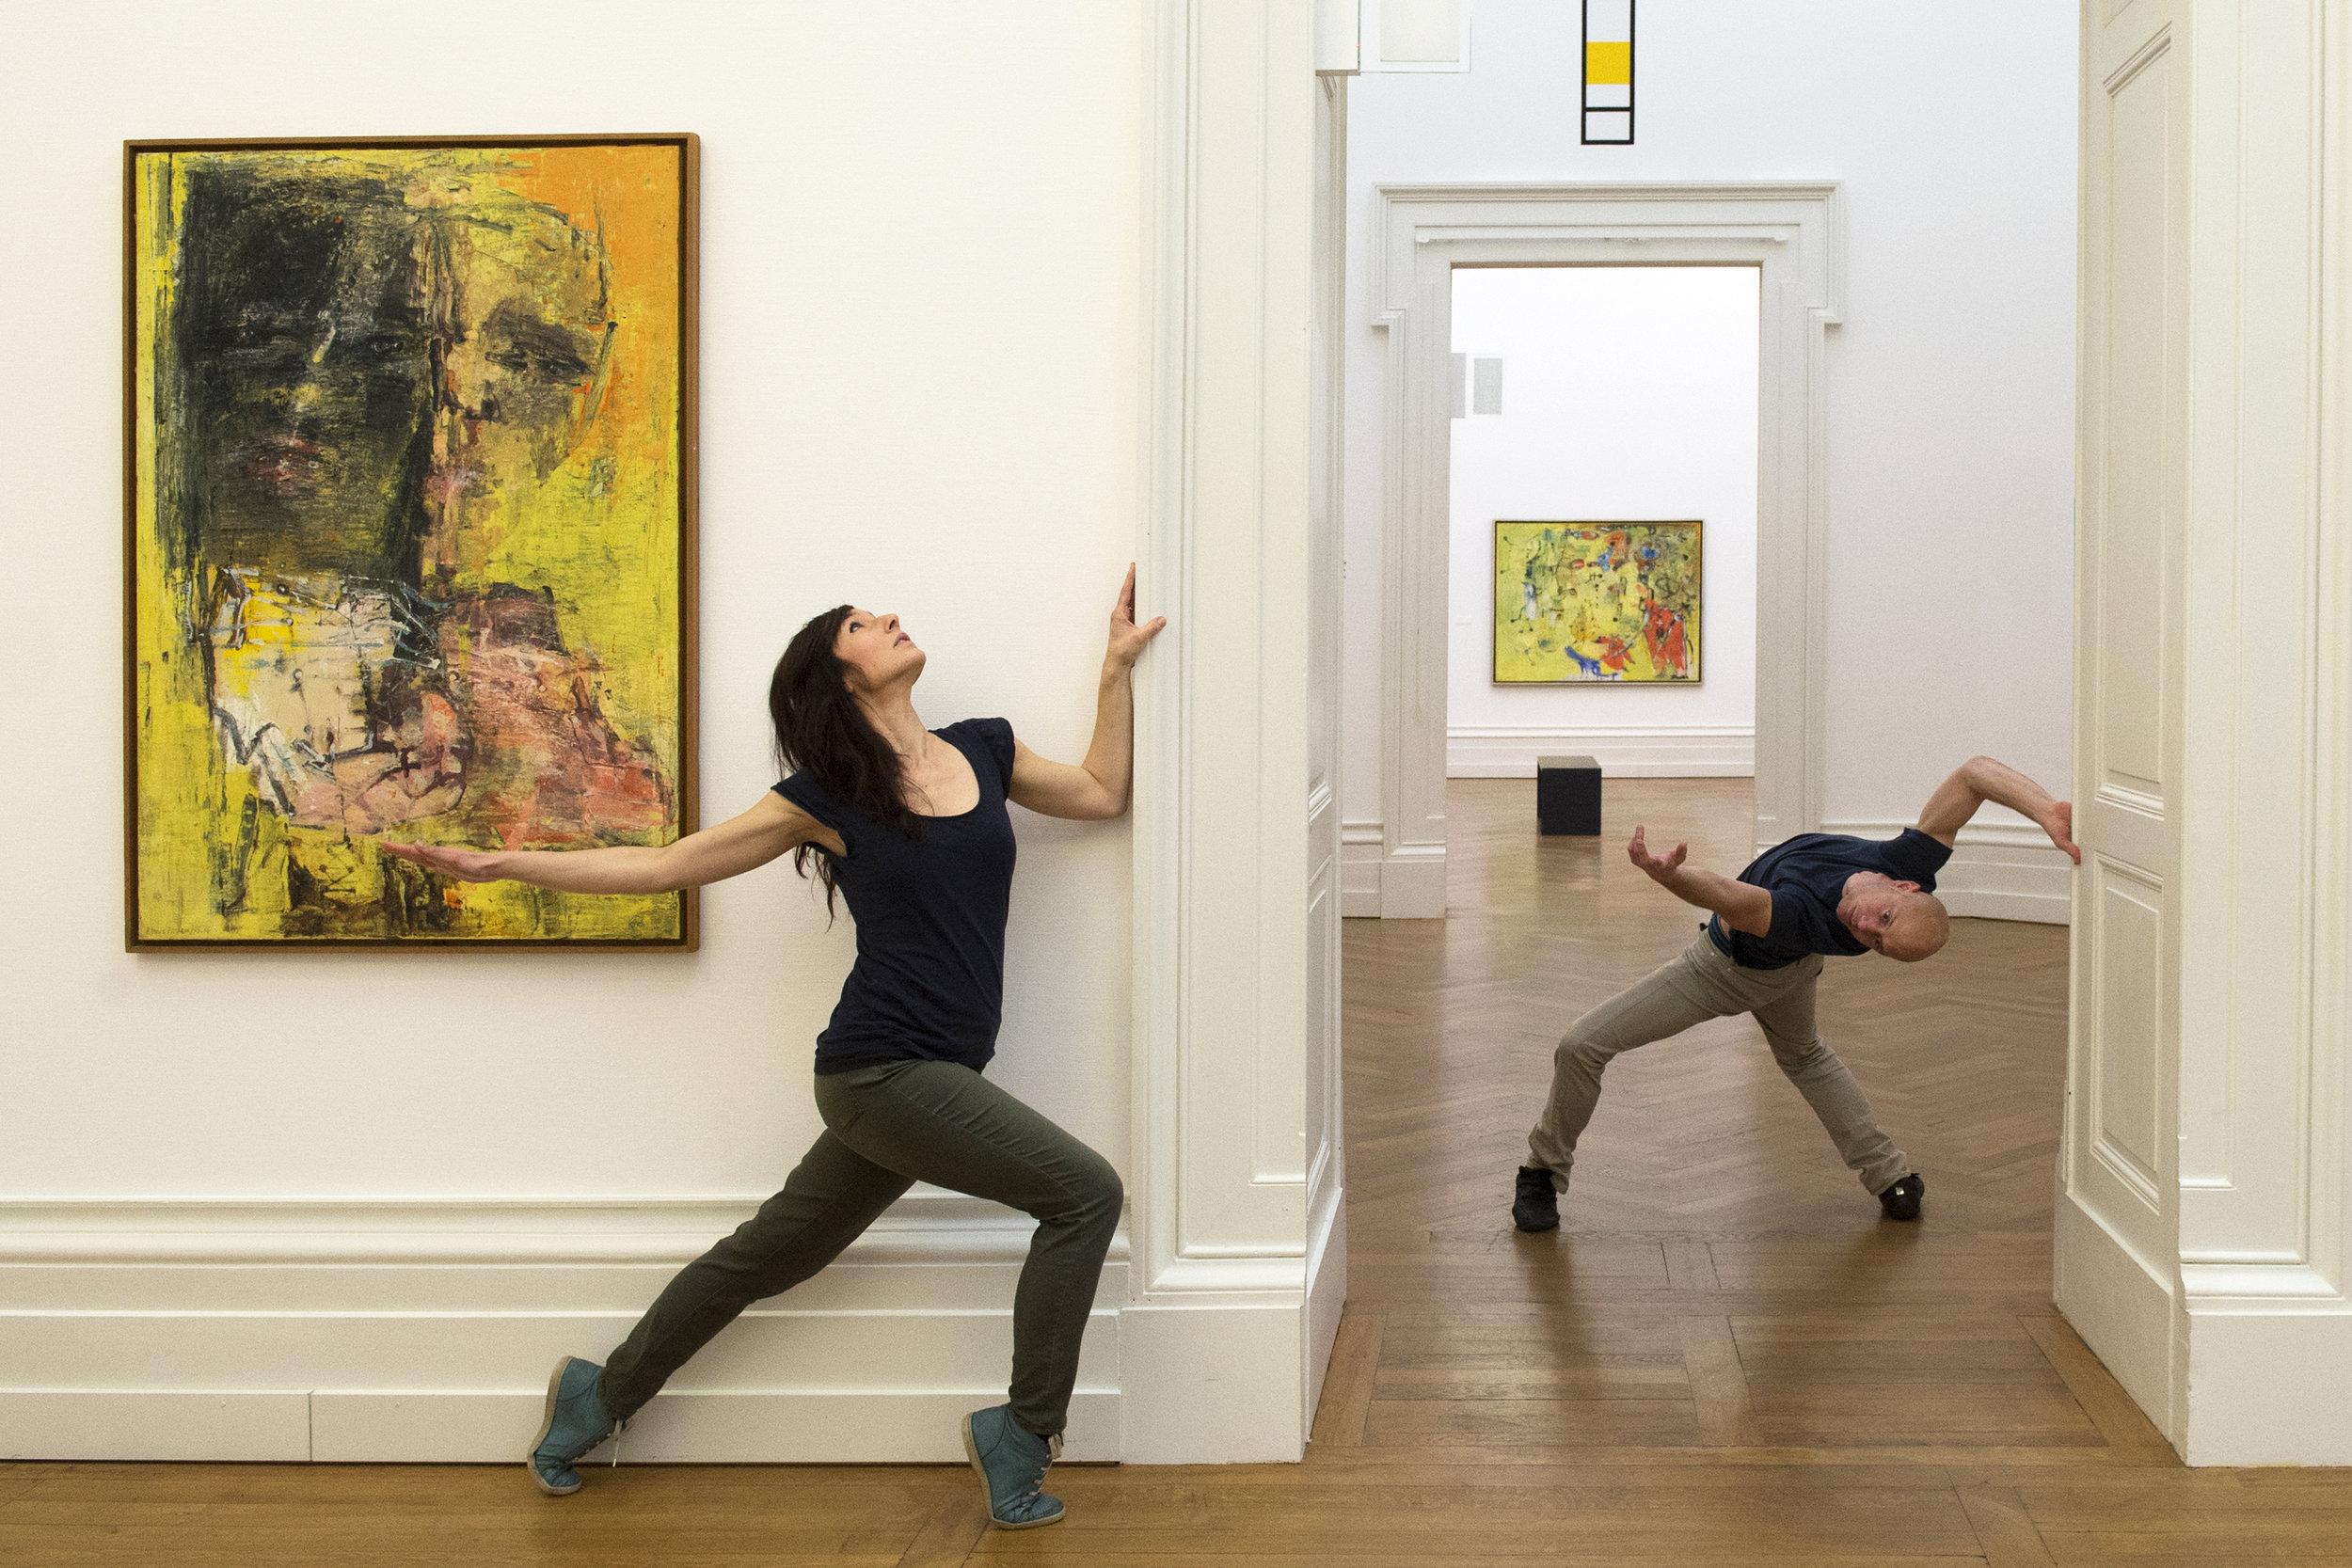 """Performance de danse dans le cadre de l'exposition """"Renzo Ferrari, Visions nomades"""" le 8 février 2015"""